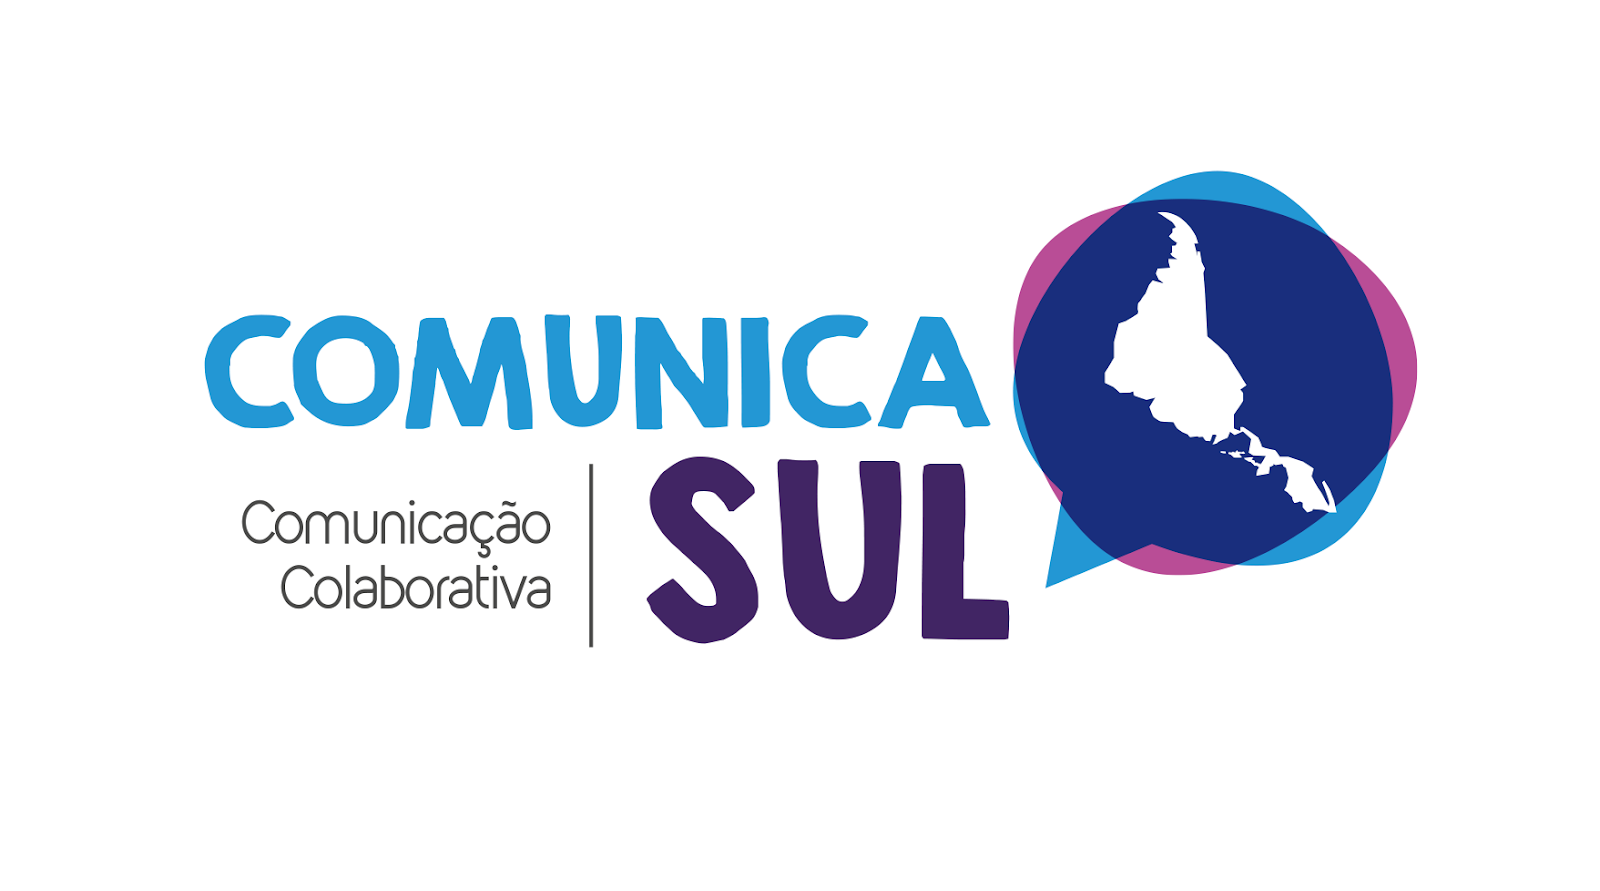 ComunicaSul - Comunicação Colaborativa